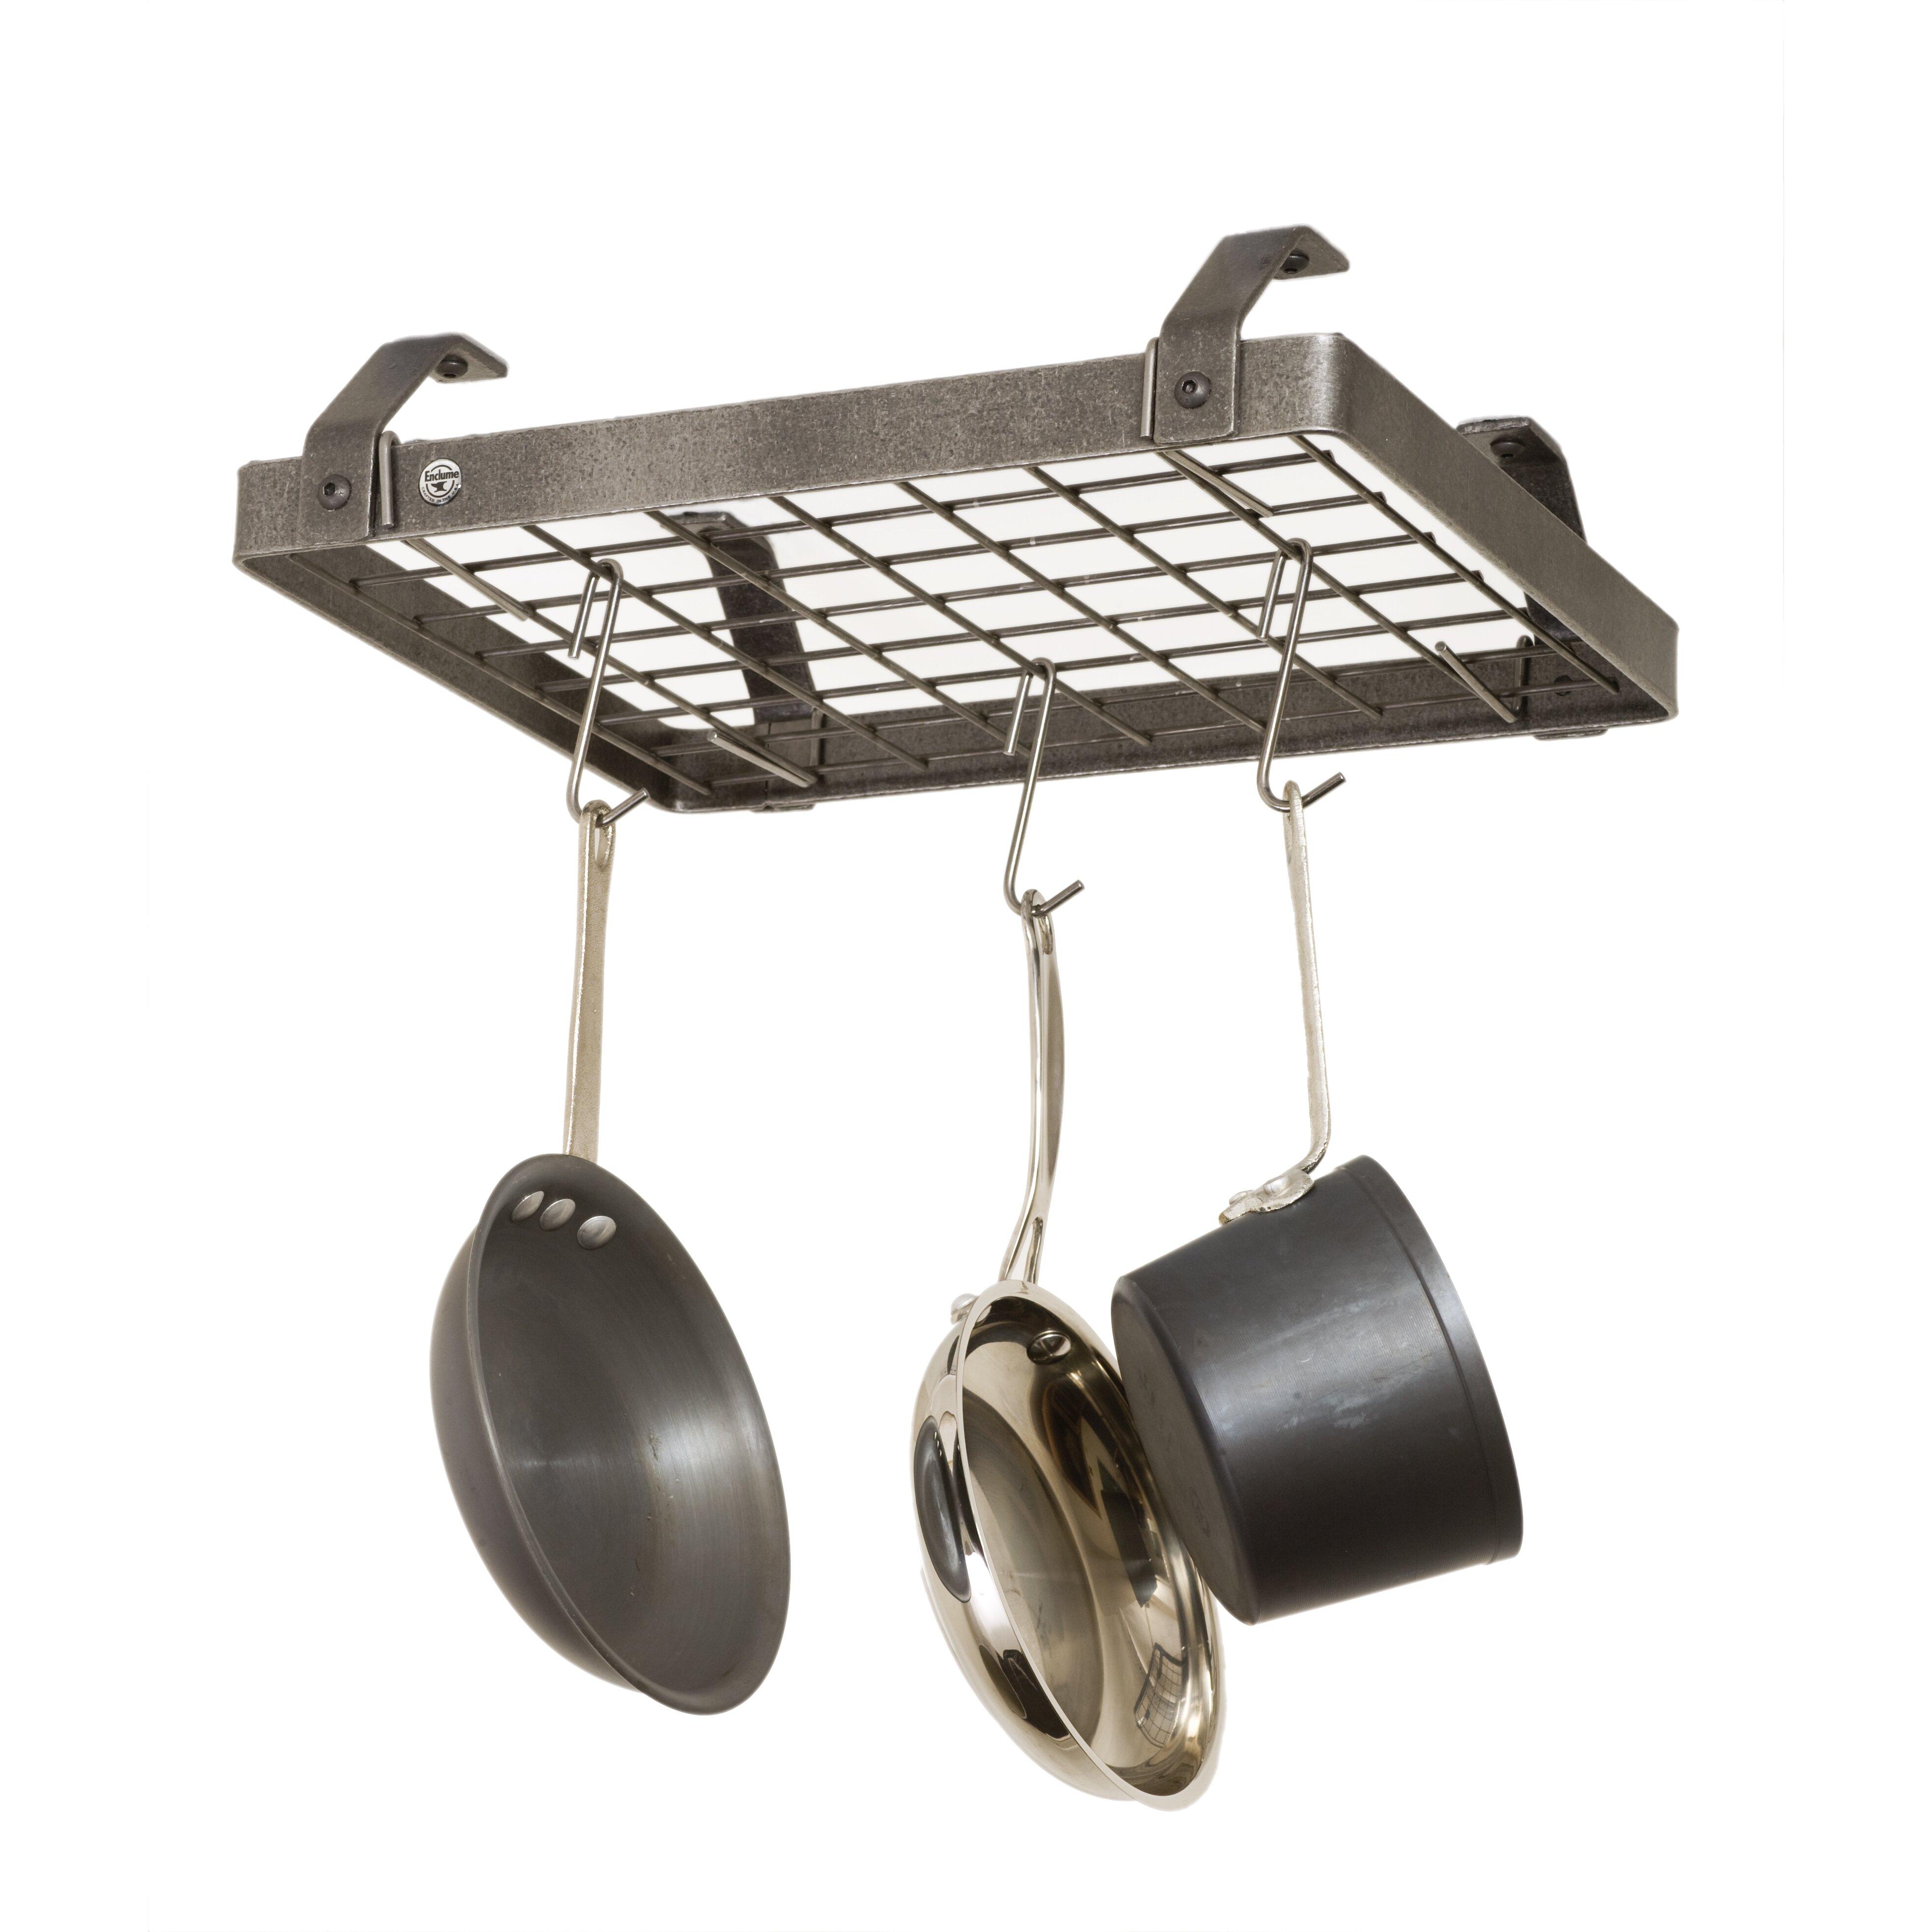 Enclume Low Ceiling Rectangle Hanging Pot Rack | Wayfair